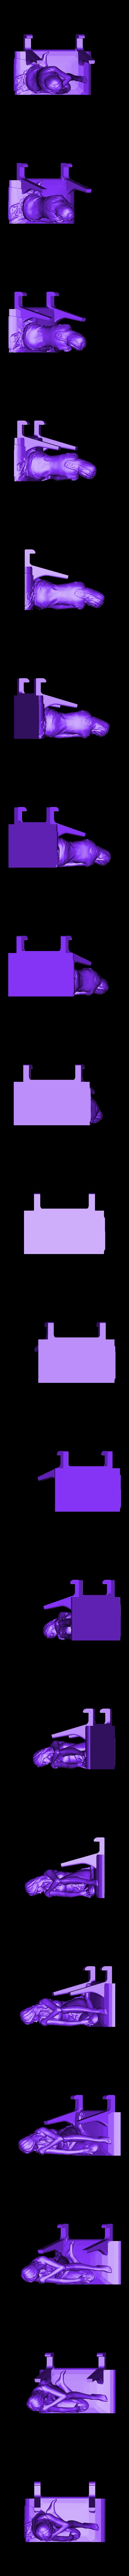 2.stl Télécharger fichier STL gratuit Support de téléphone • Plan pour impression 3D, shuranikishin